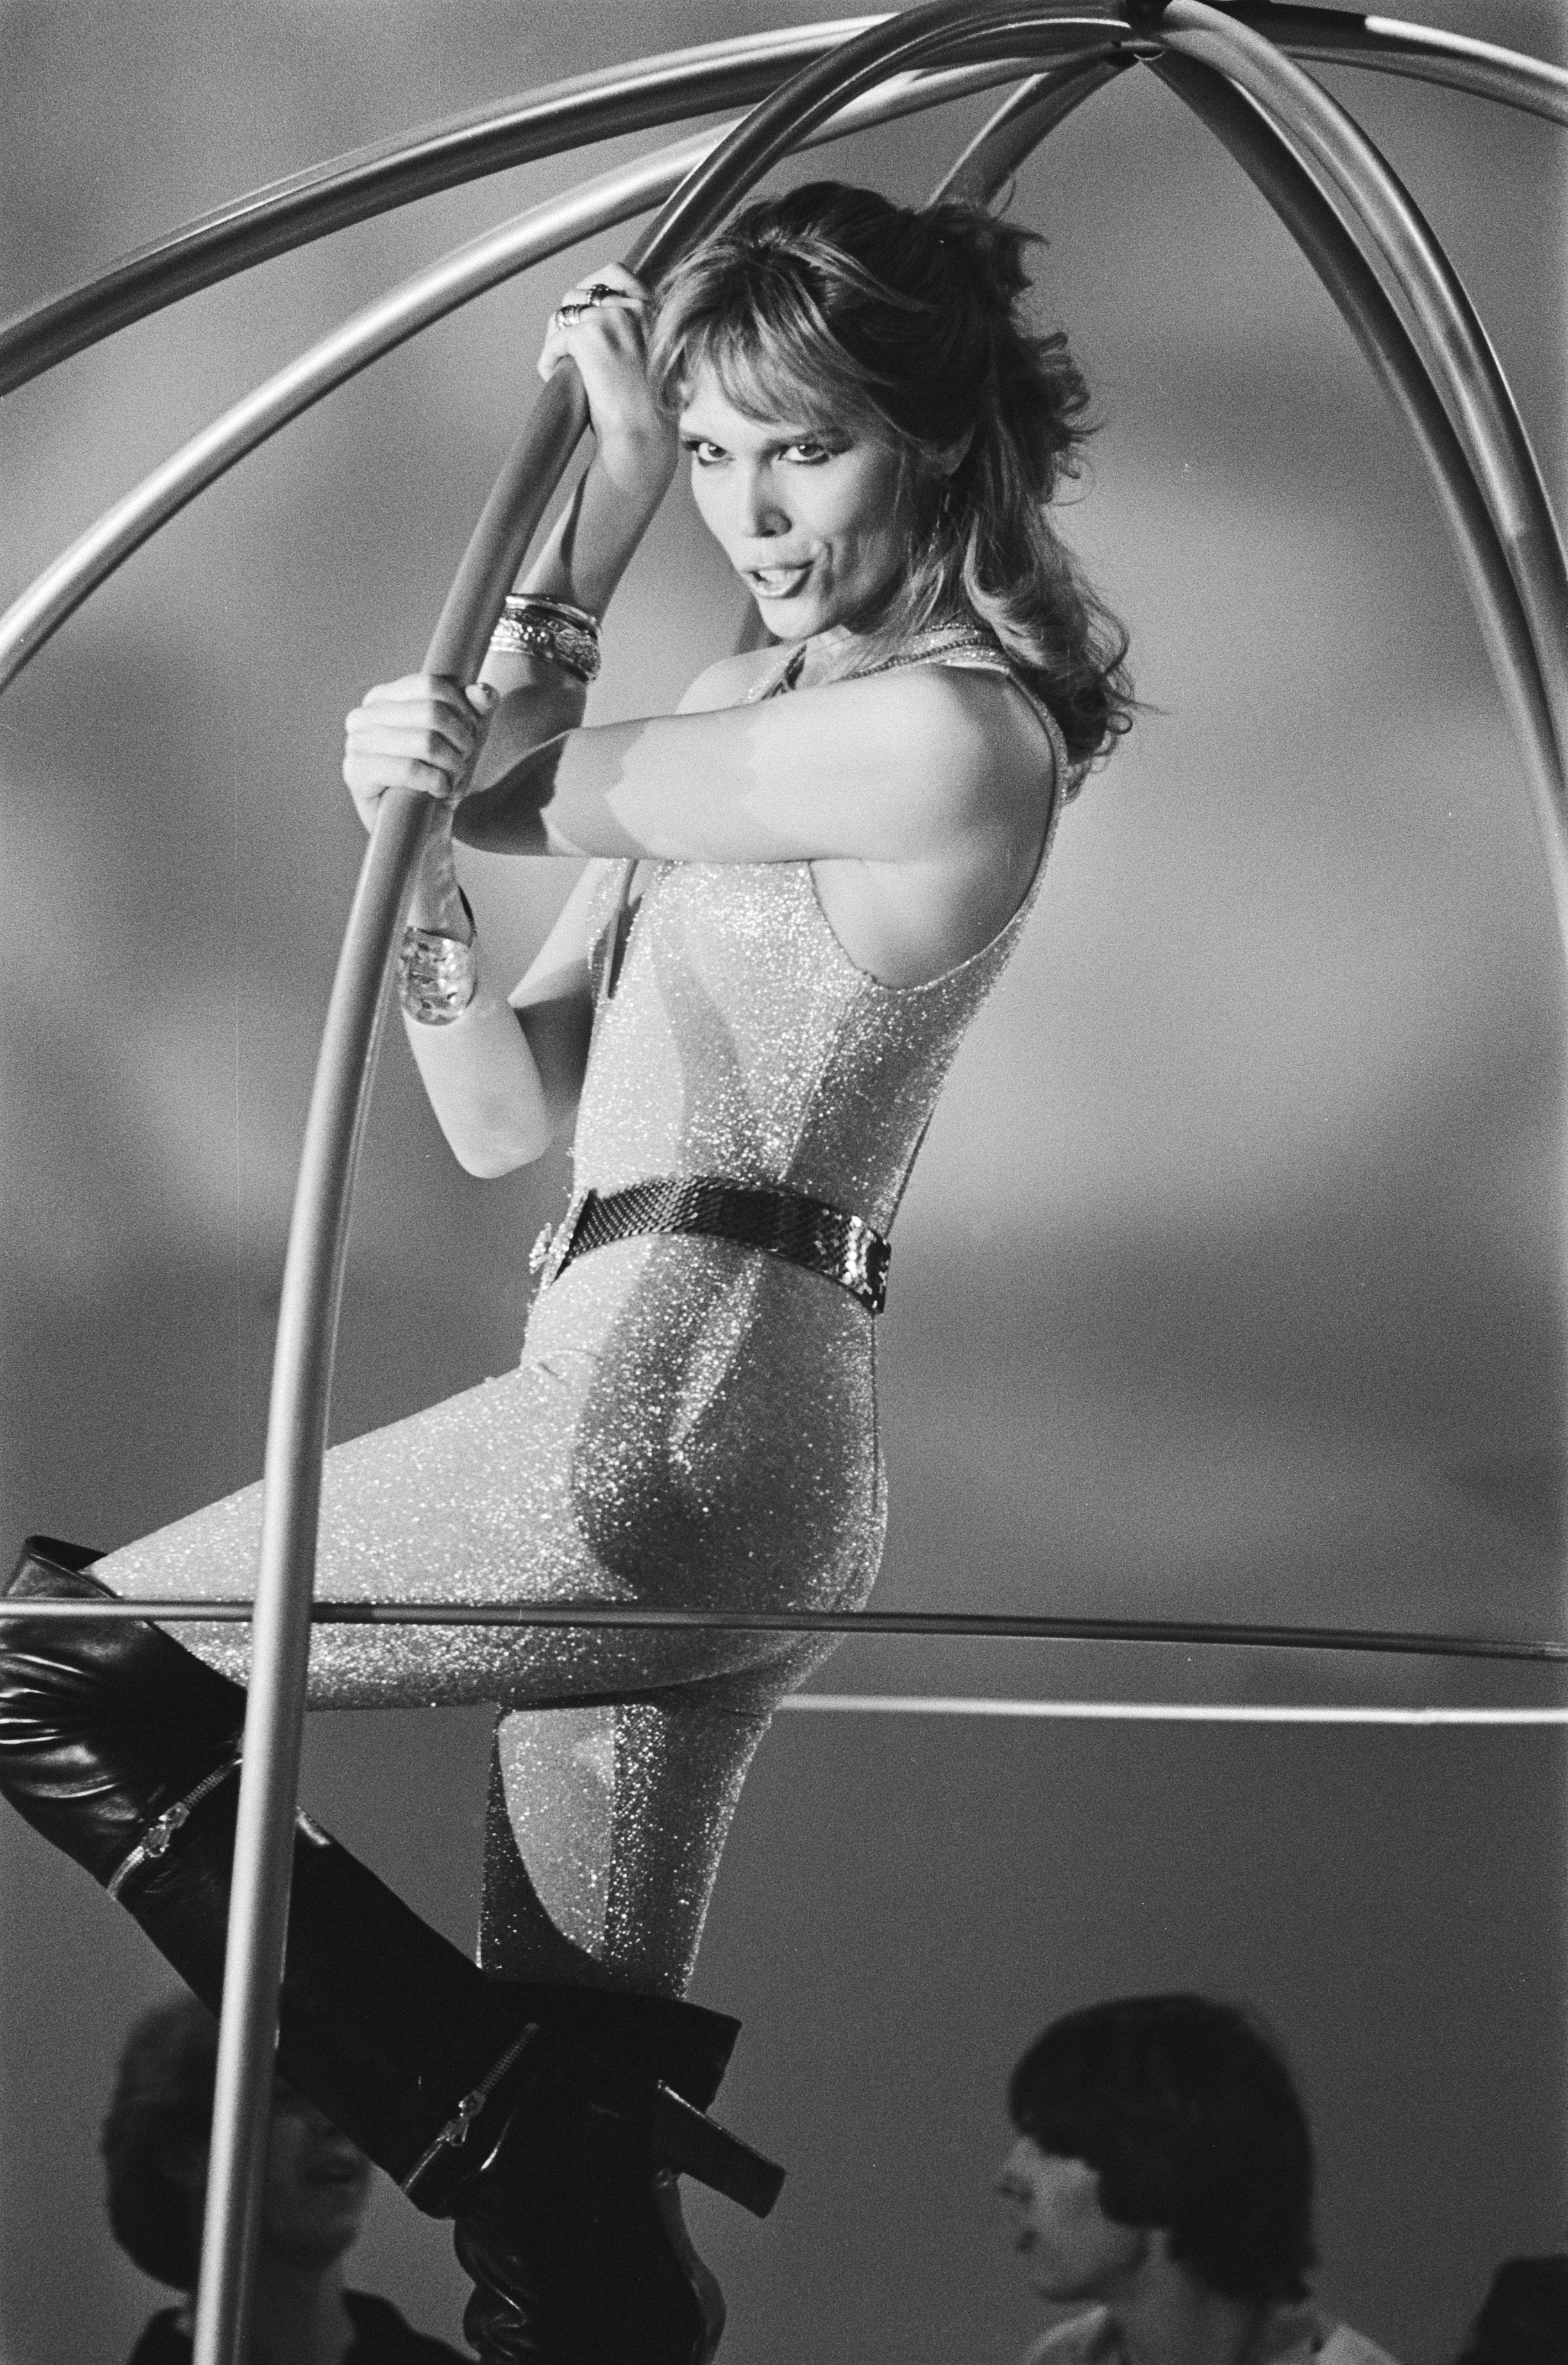 Amanda Lear Photos file:amanda lear 929-5962 - wikimedia commons